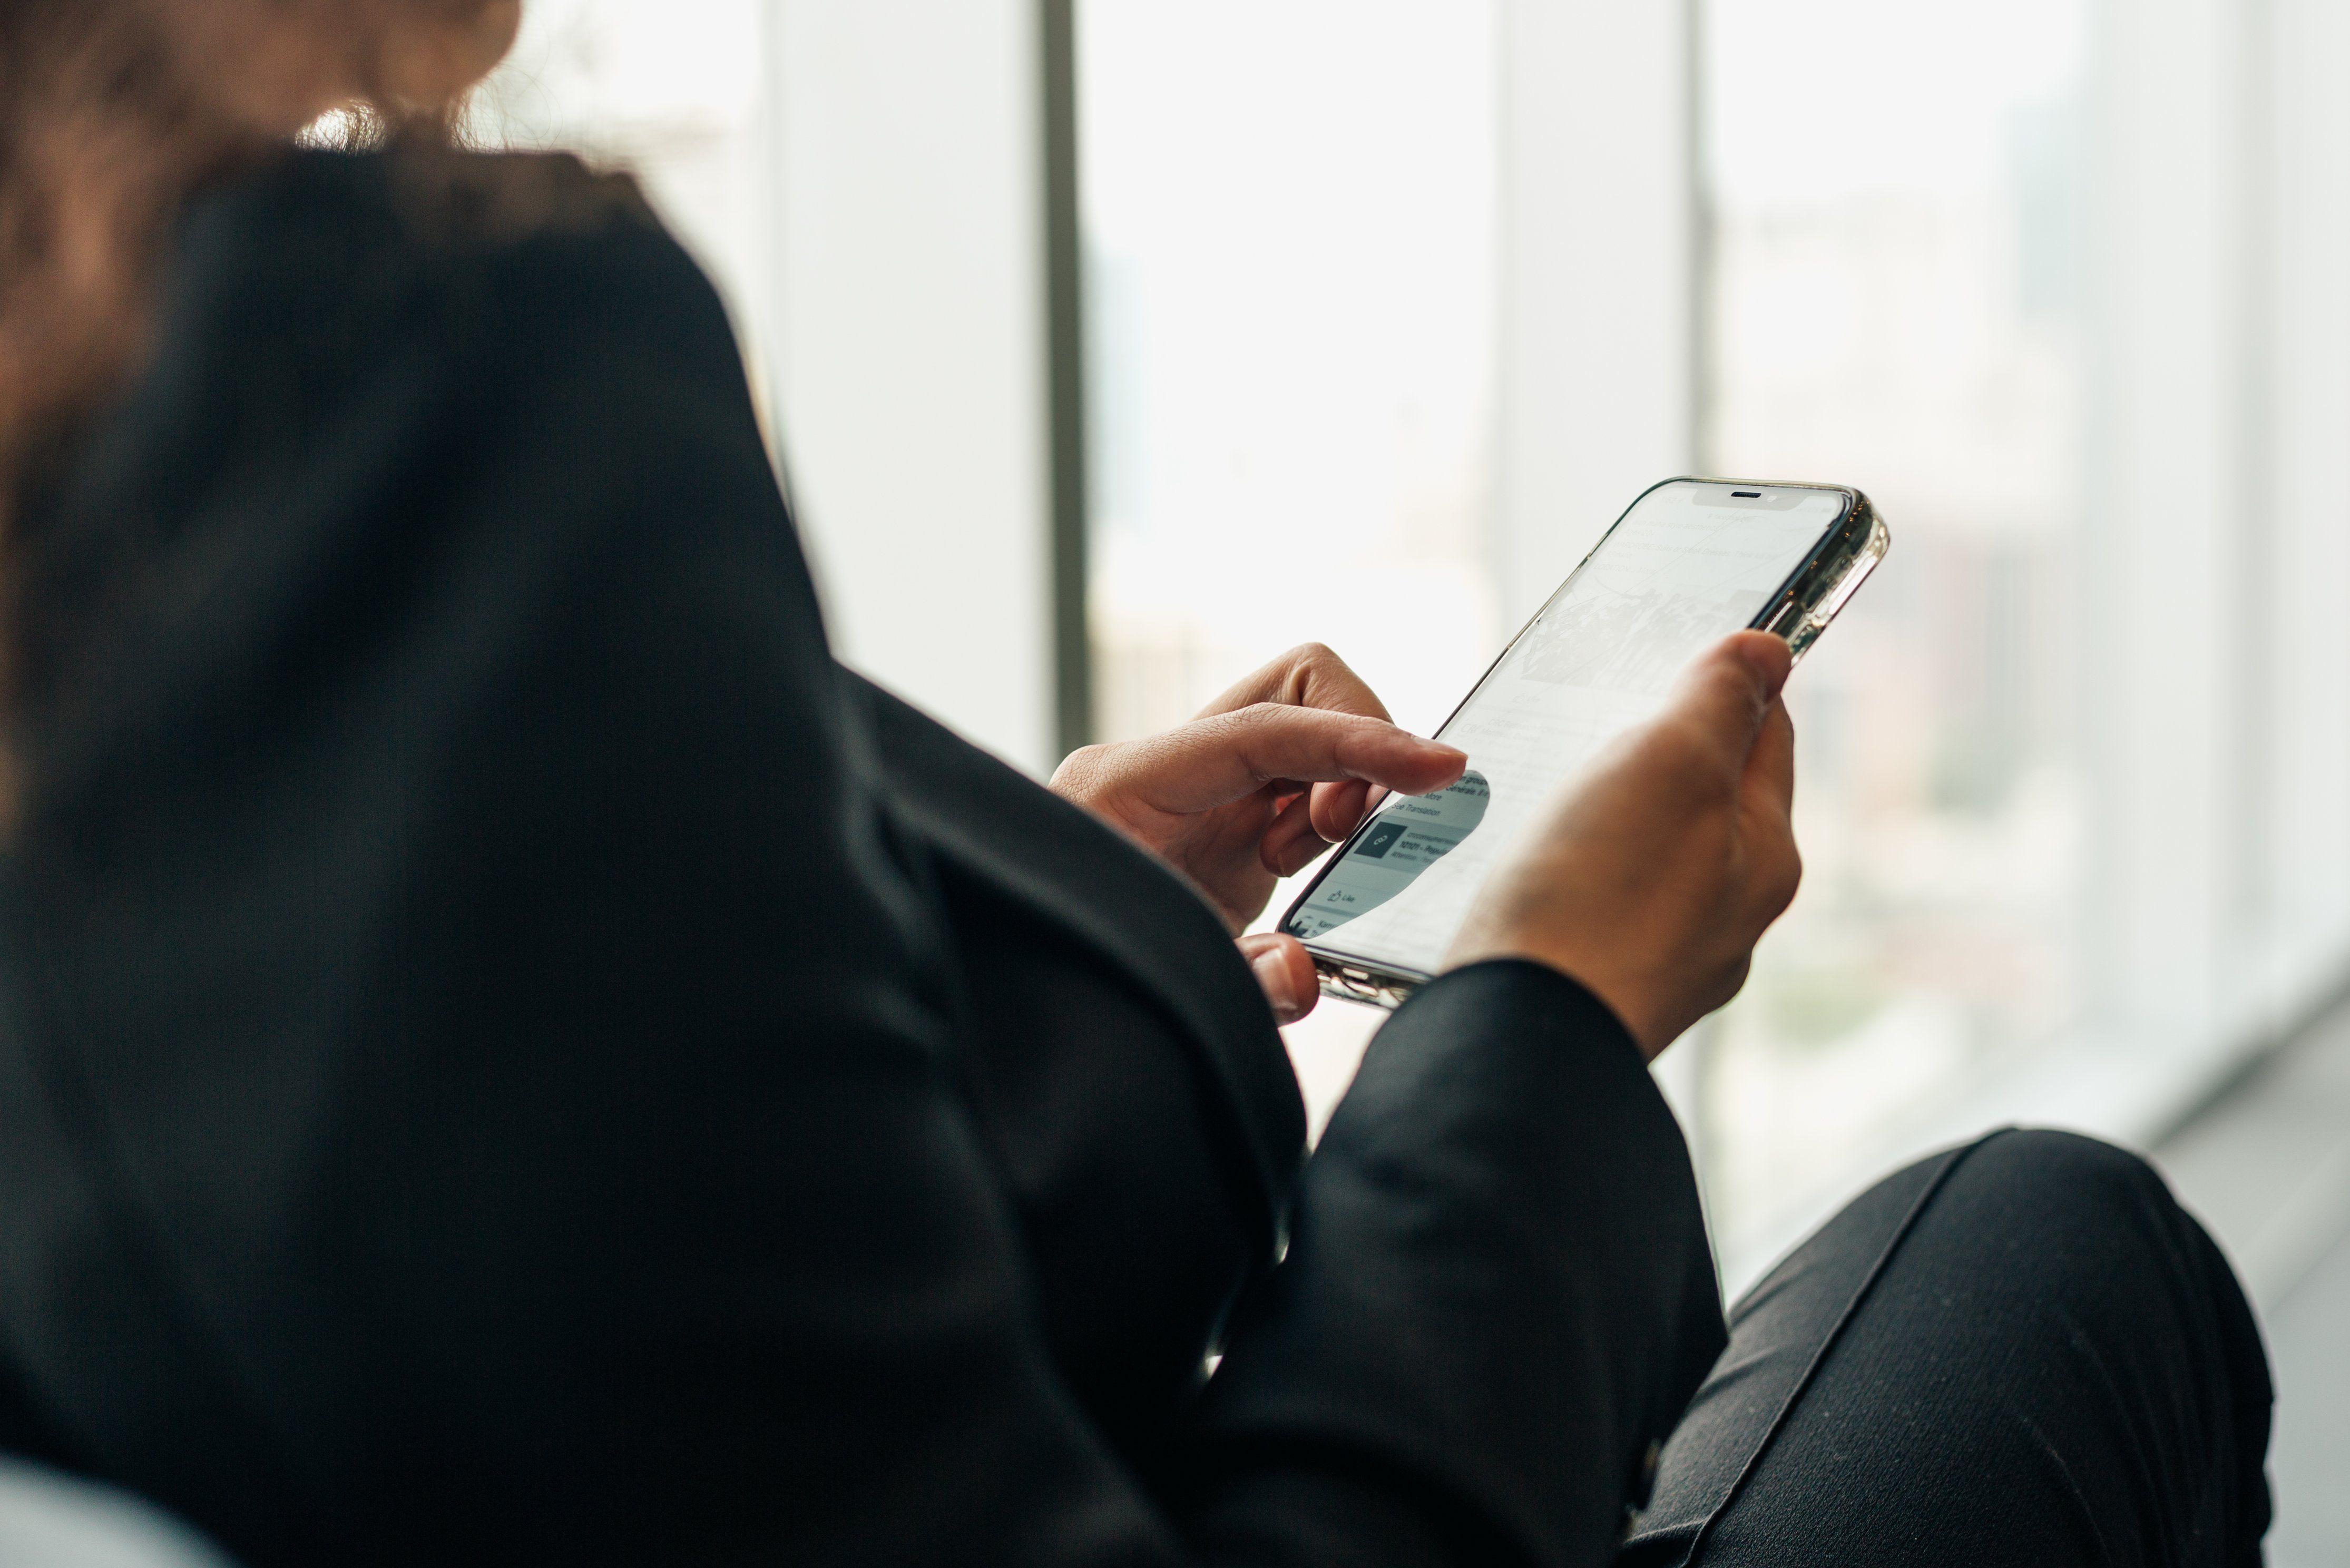 servicio al cliente online y tecnología móvil